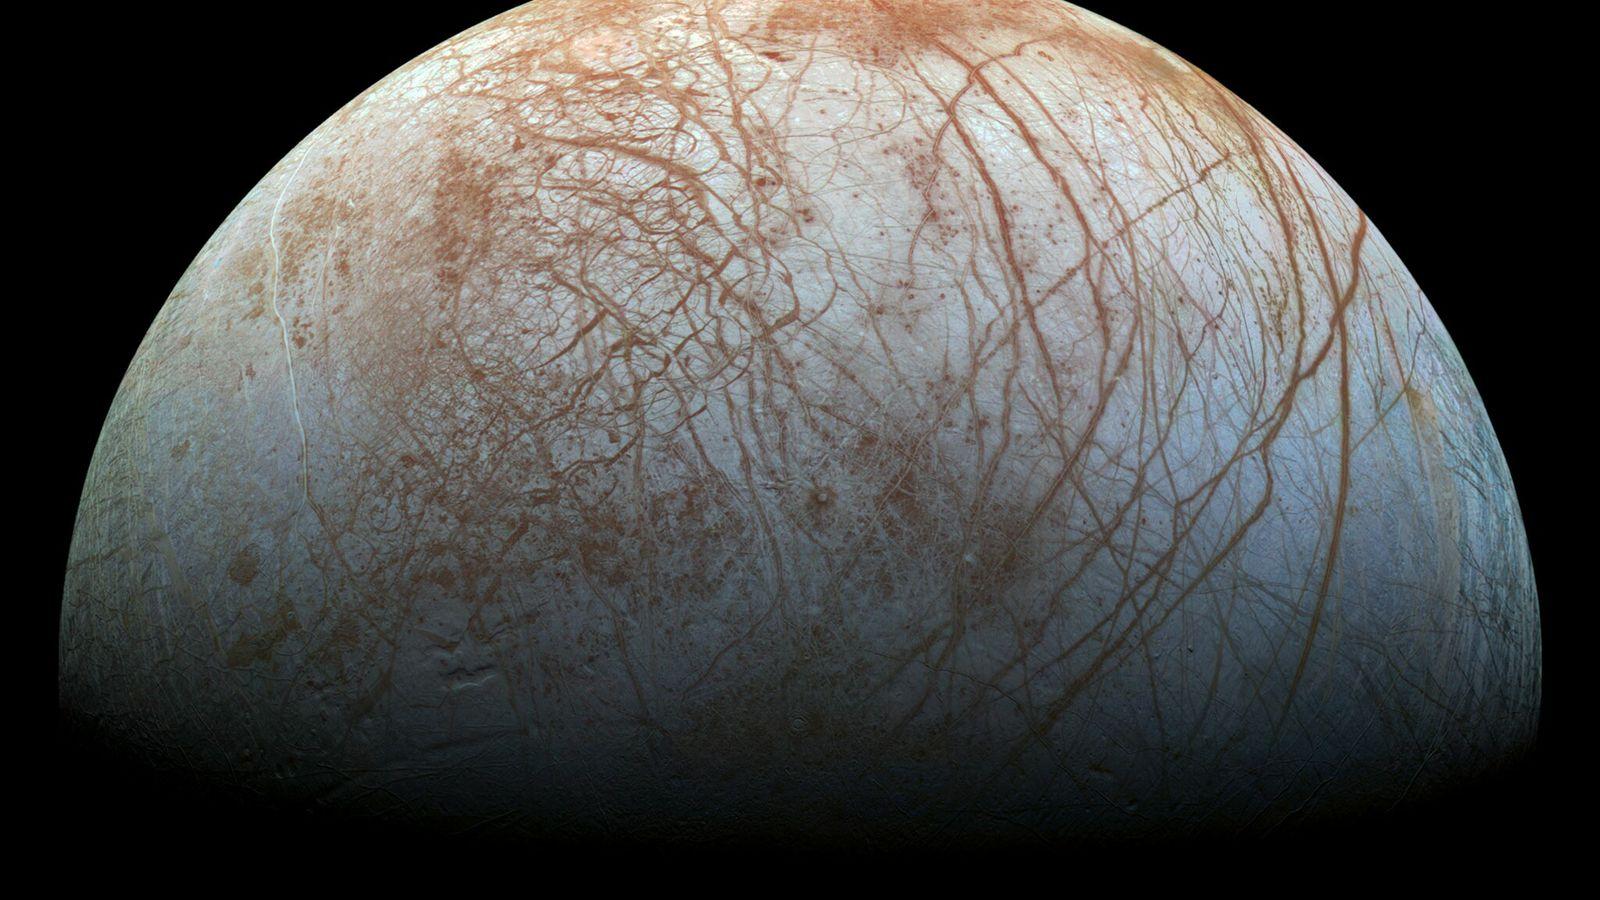 Europa, la luna de Júpiter, tiene una gruesa corteza helada que puede esconder un océano profundo ...